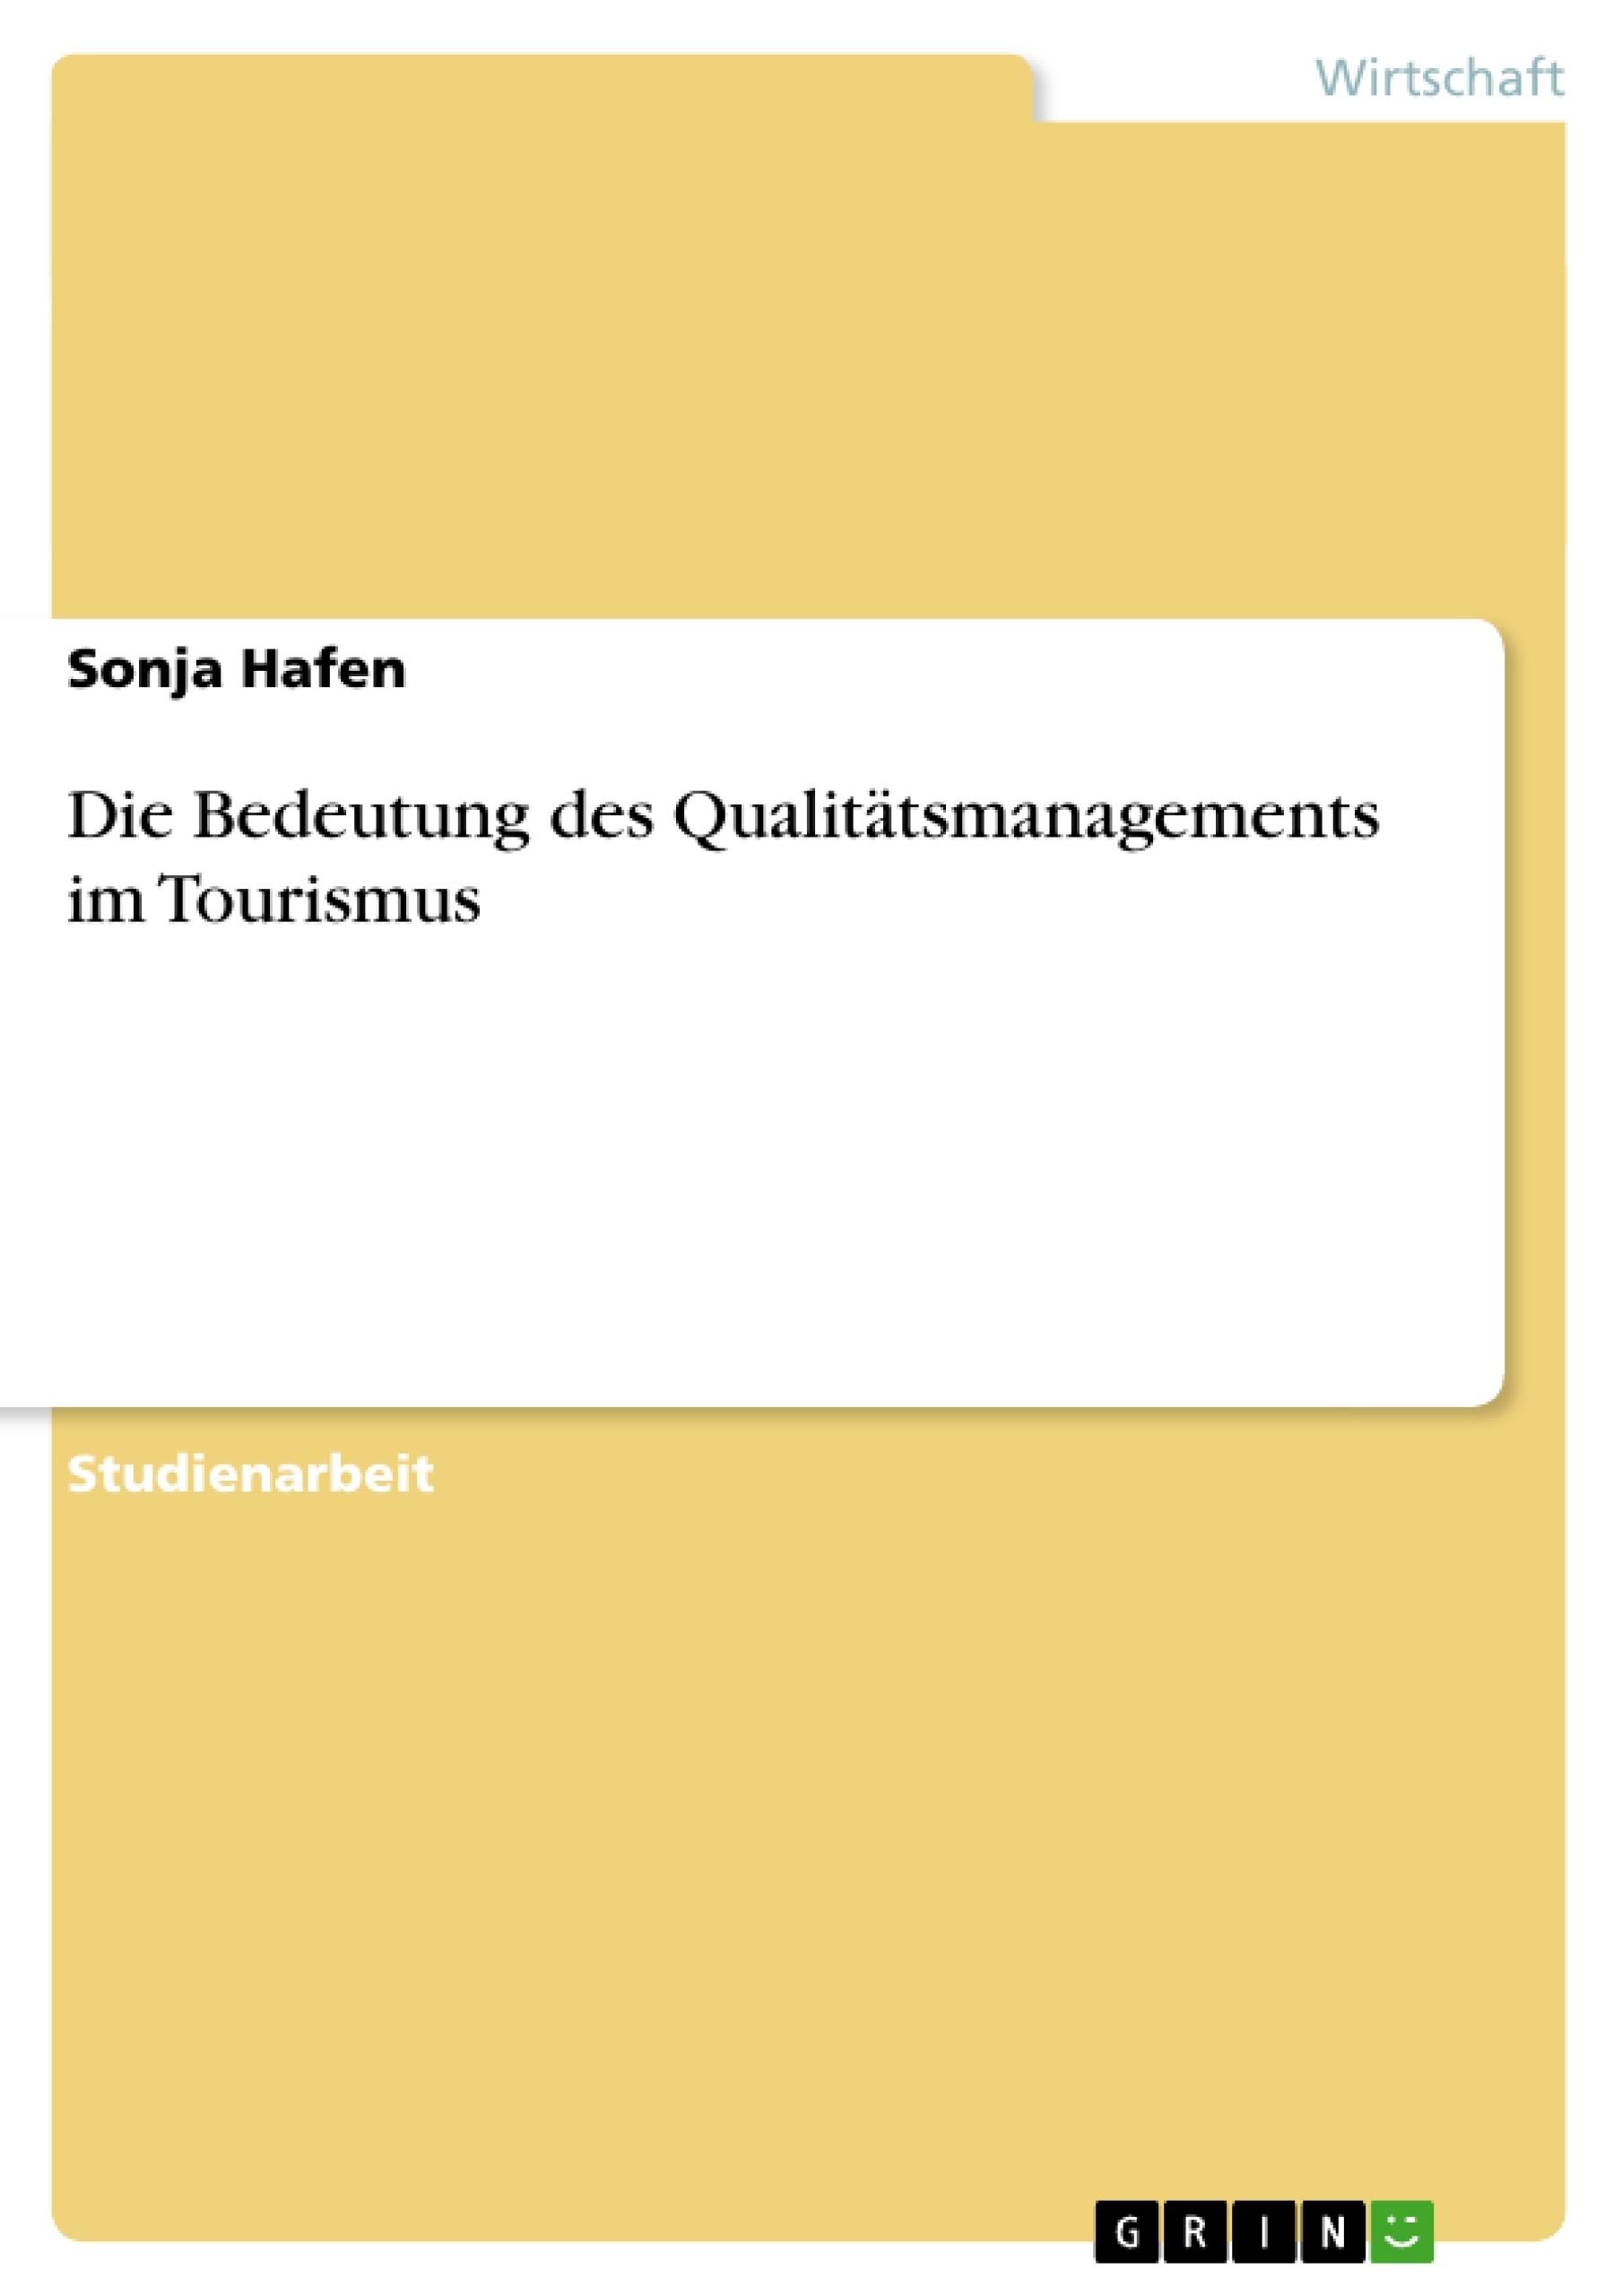 Titel: Die Bedeutung des Qualitätsmanagements im Tourismus